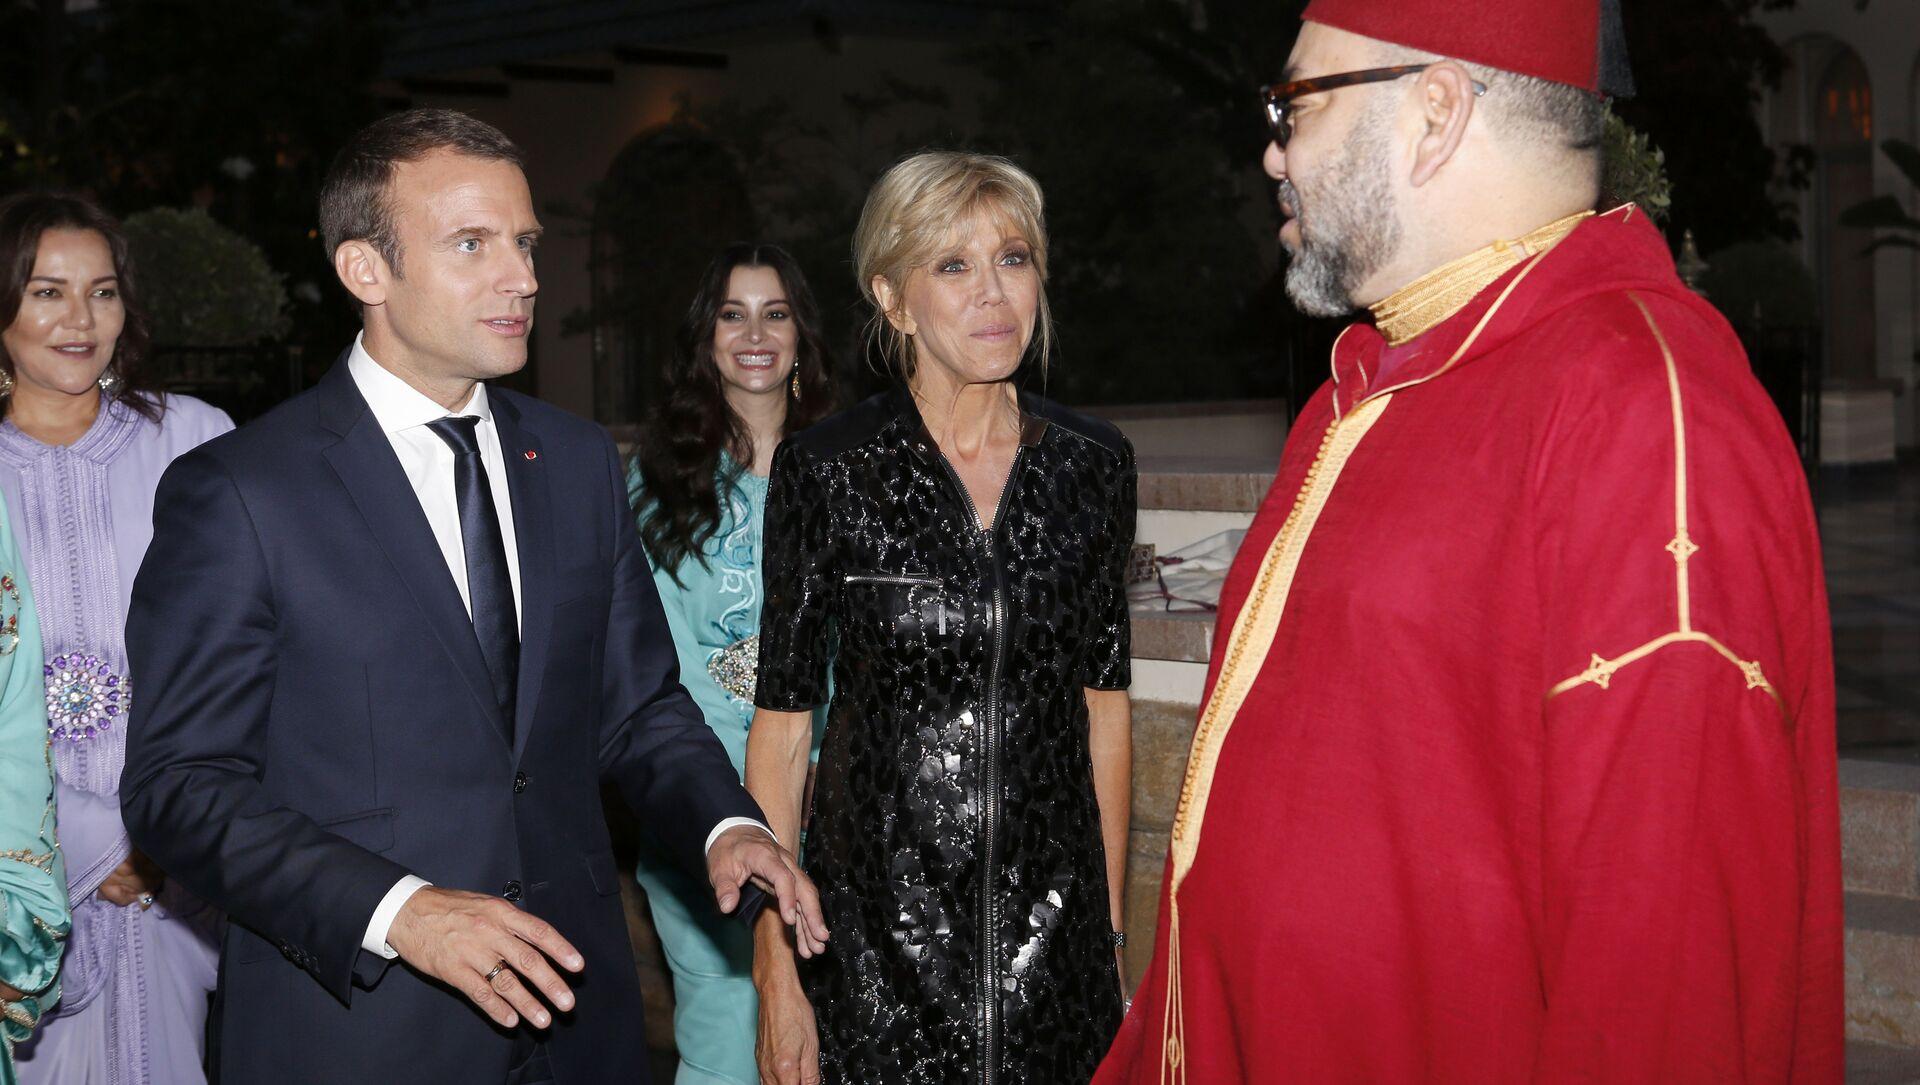 Emmanuel Macron et le Mohammed VI, lors d'une rencontre au Maroc  - Sputnik France, 1920, 14.09.2021